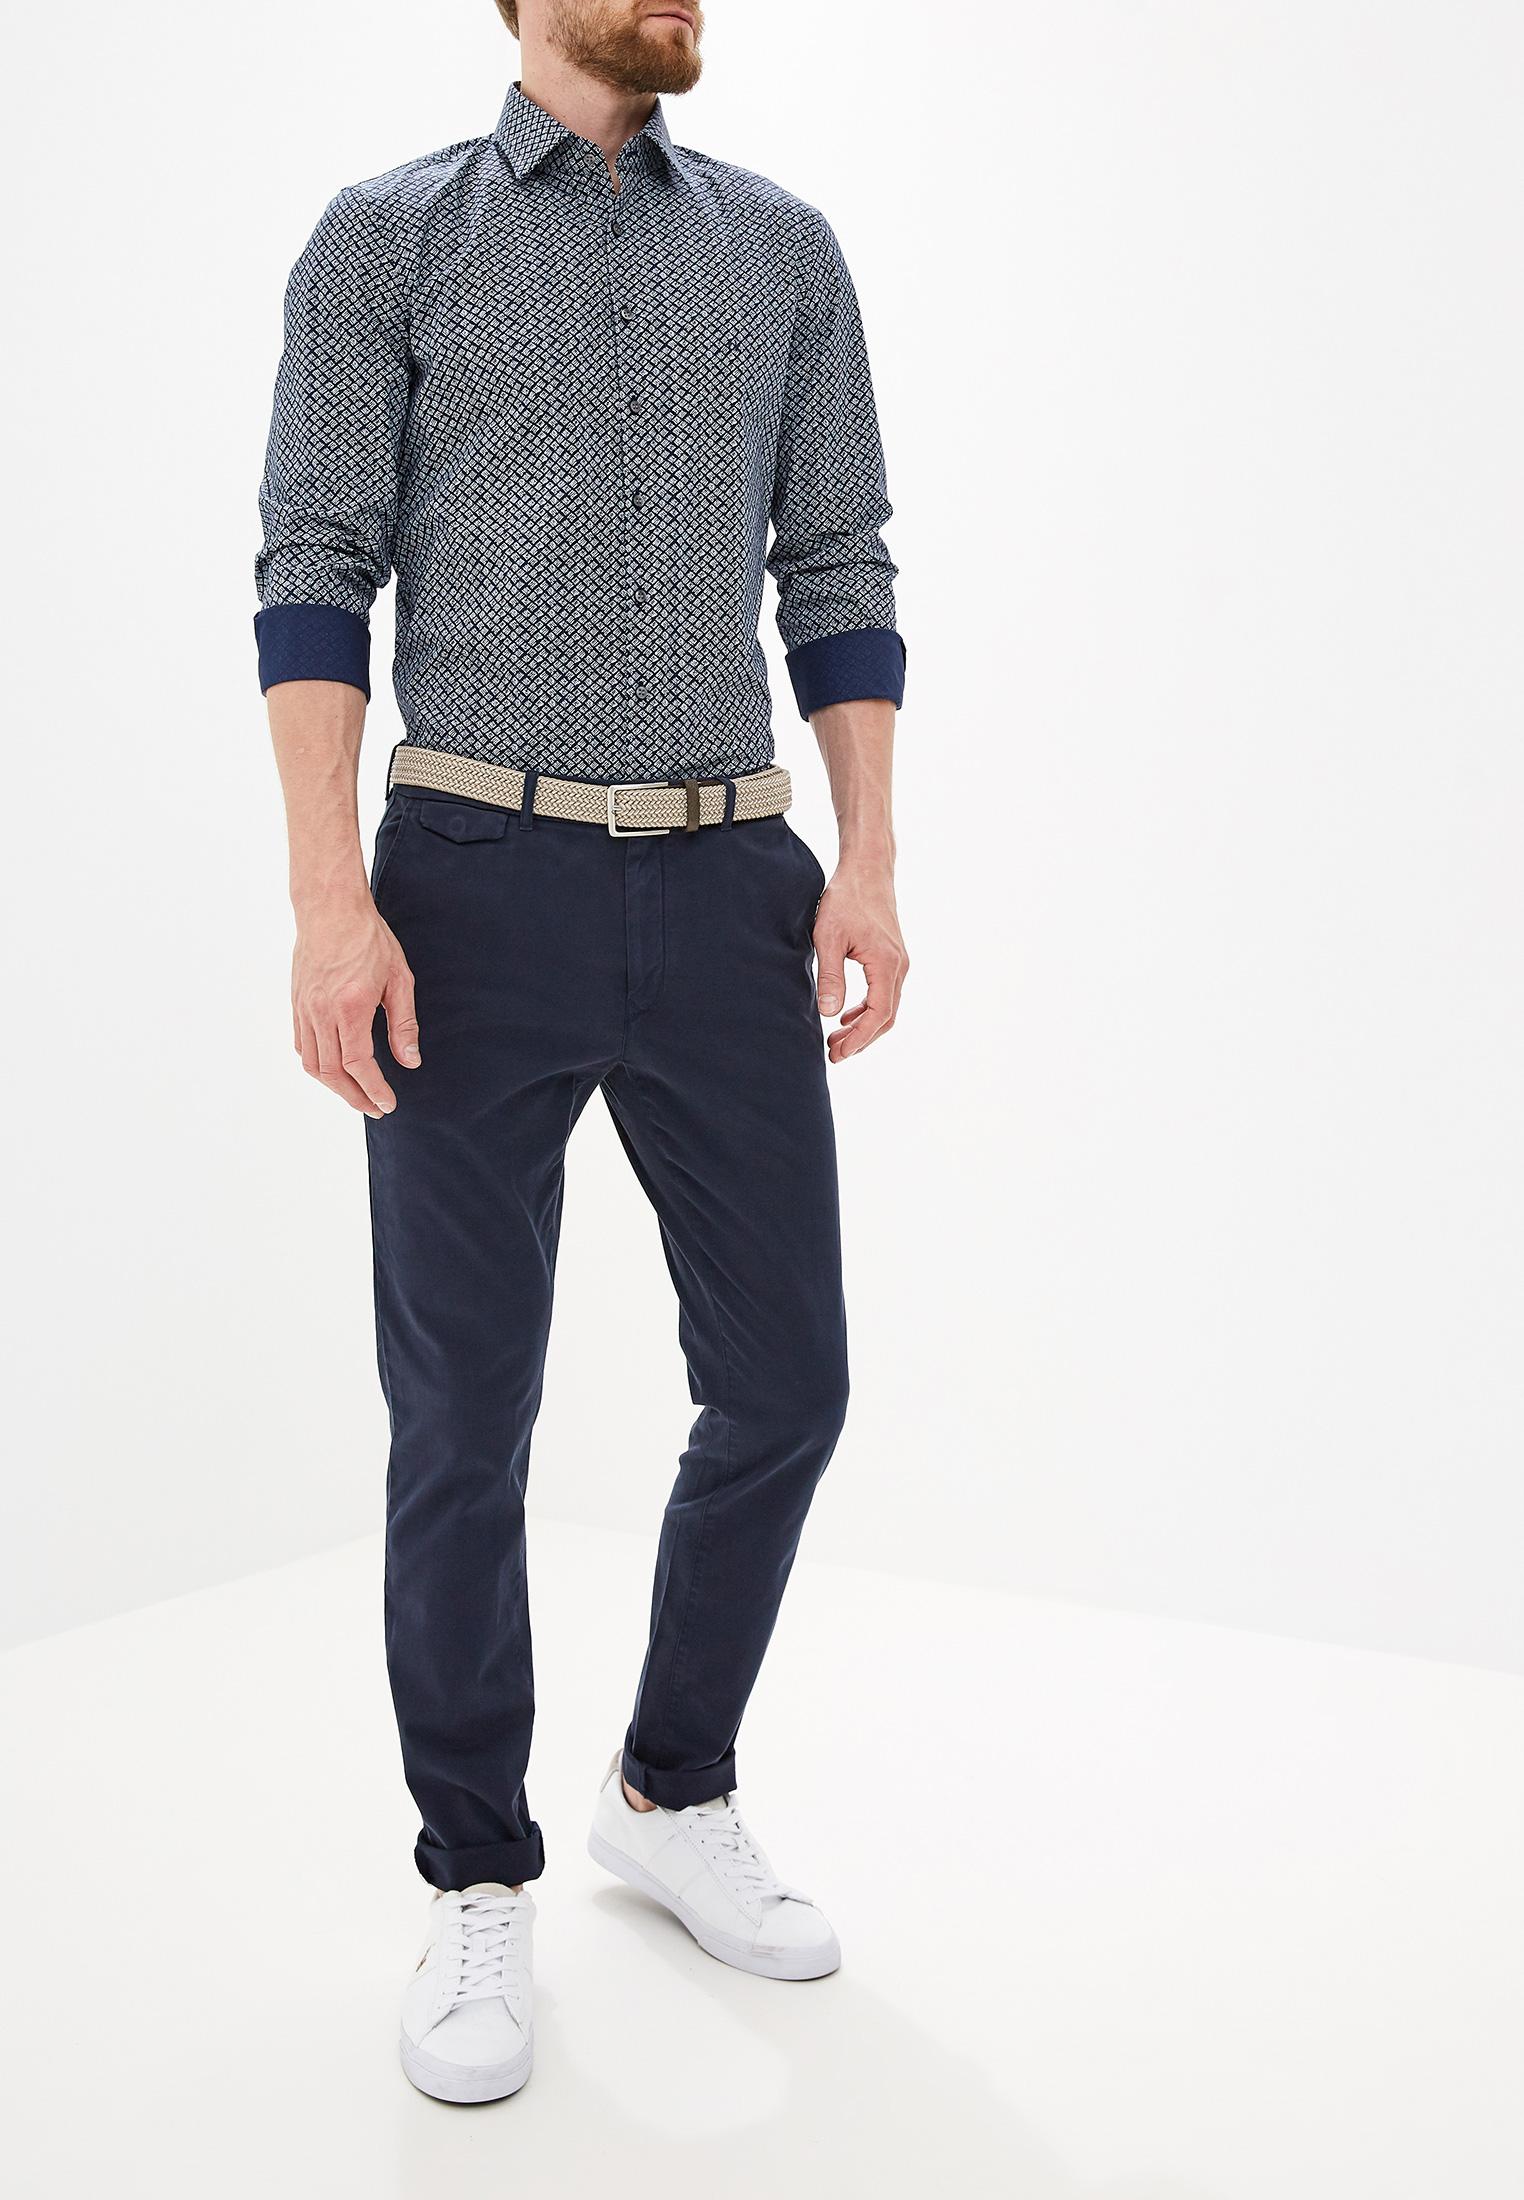 Мужские повседневные брюки Calvin Klein (Кельвин Кляйн) k10k104039: изображение 2